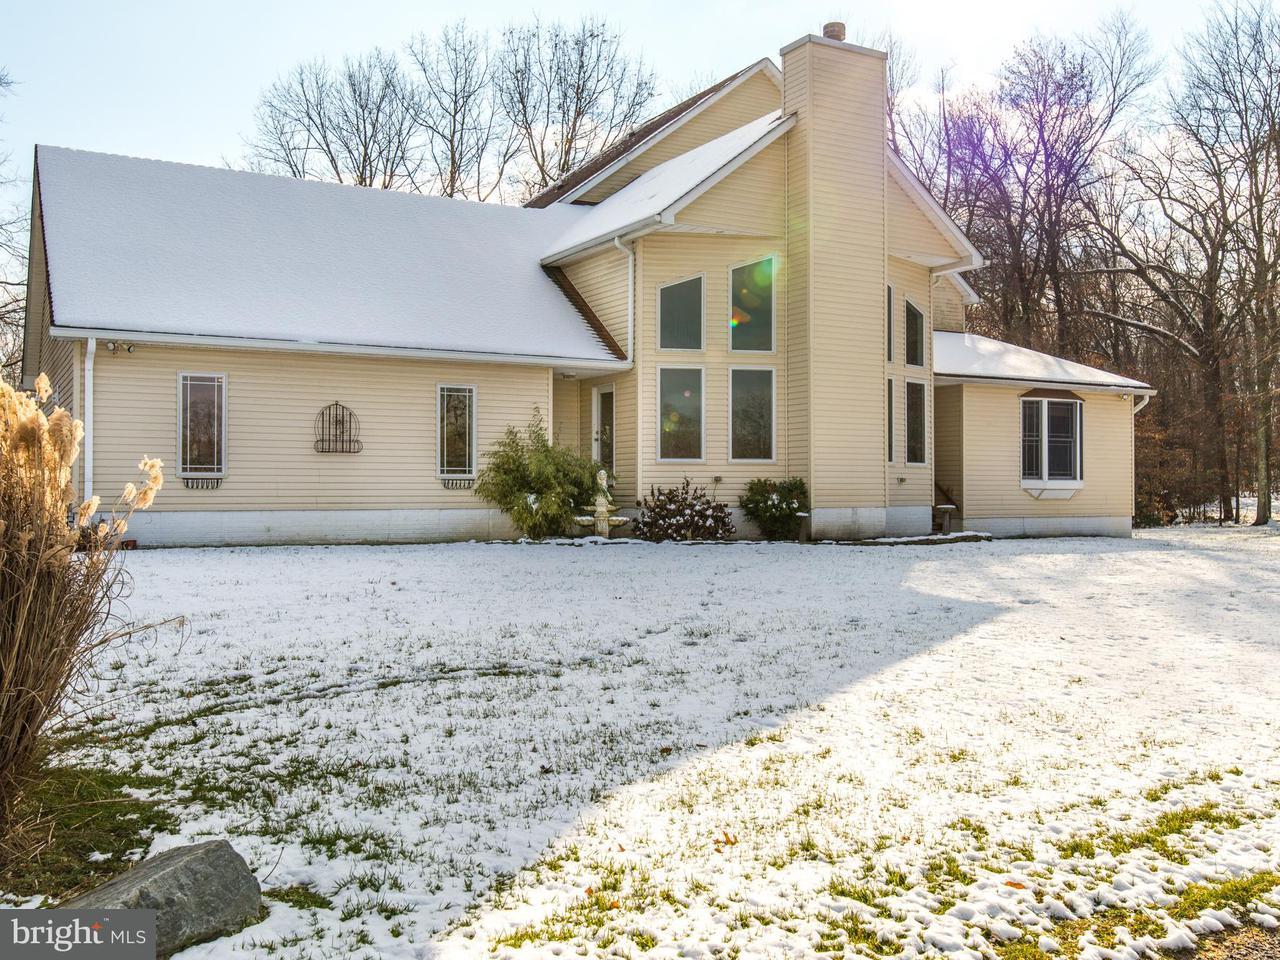 Maison unifamiliale pour l Vente à 11309 ARBUTUS Avenue 11309 ARBUTUS Avenue Kingsville, Maryland 21087 États-Unis